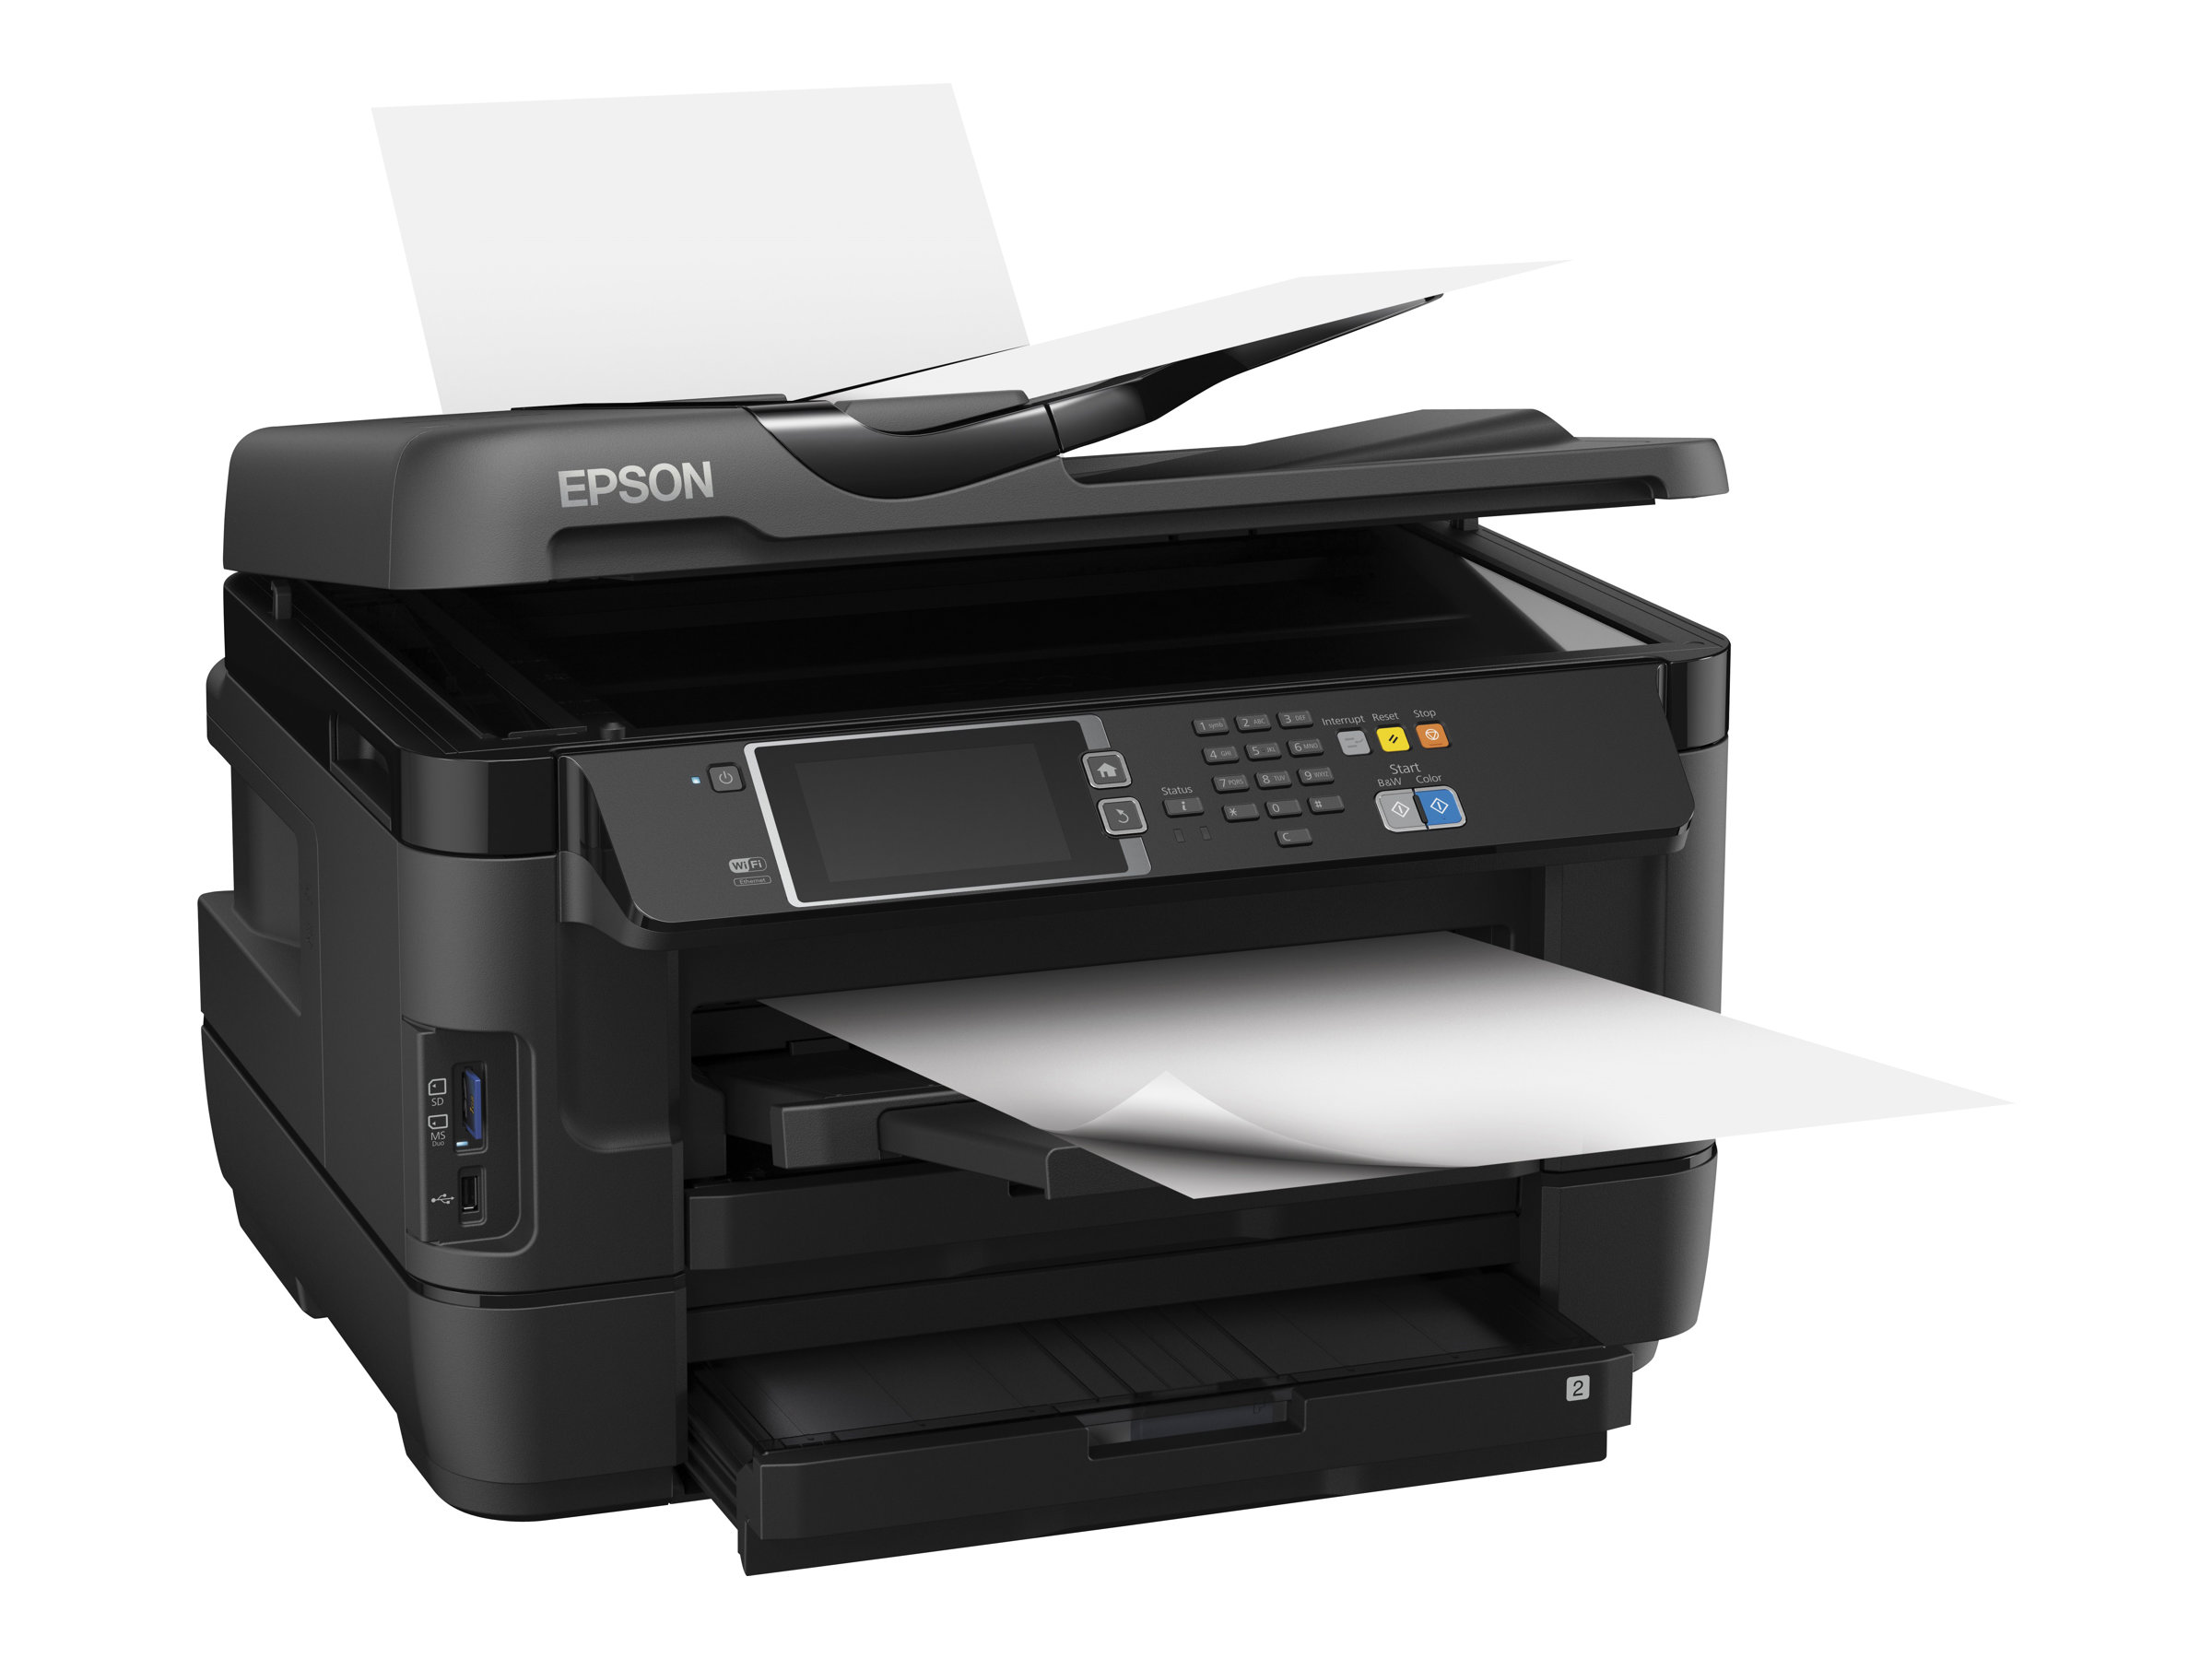 Epson WorkForce WF-7620DTWF - Multifunktionsdrucker